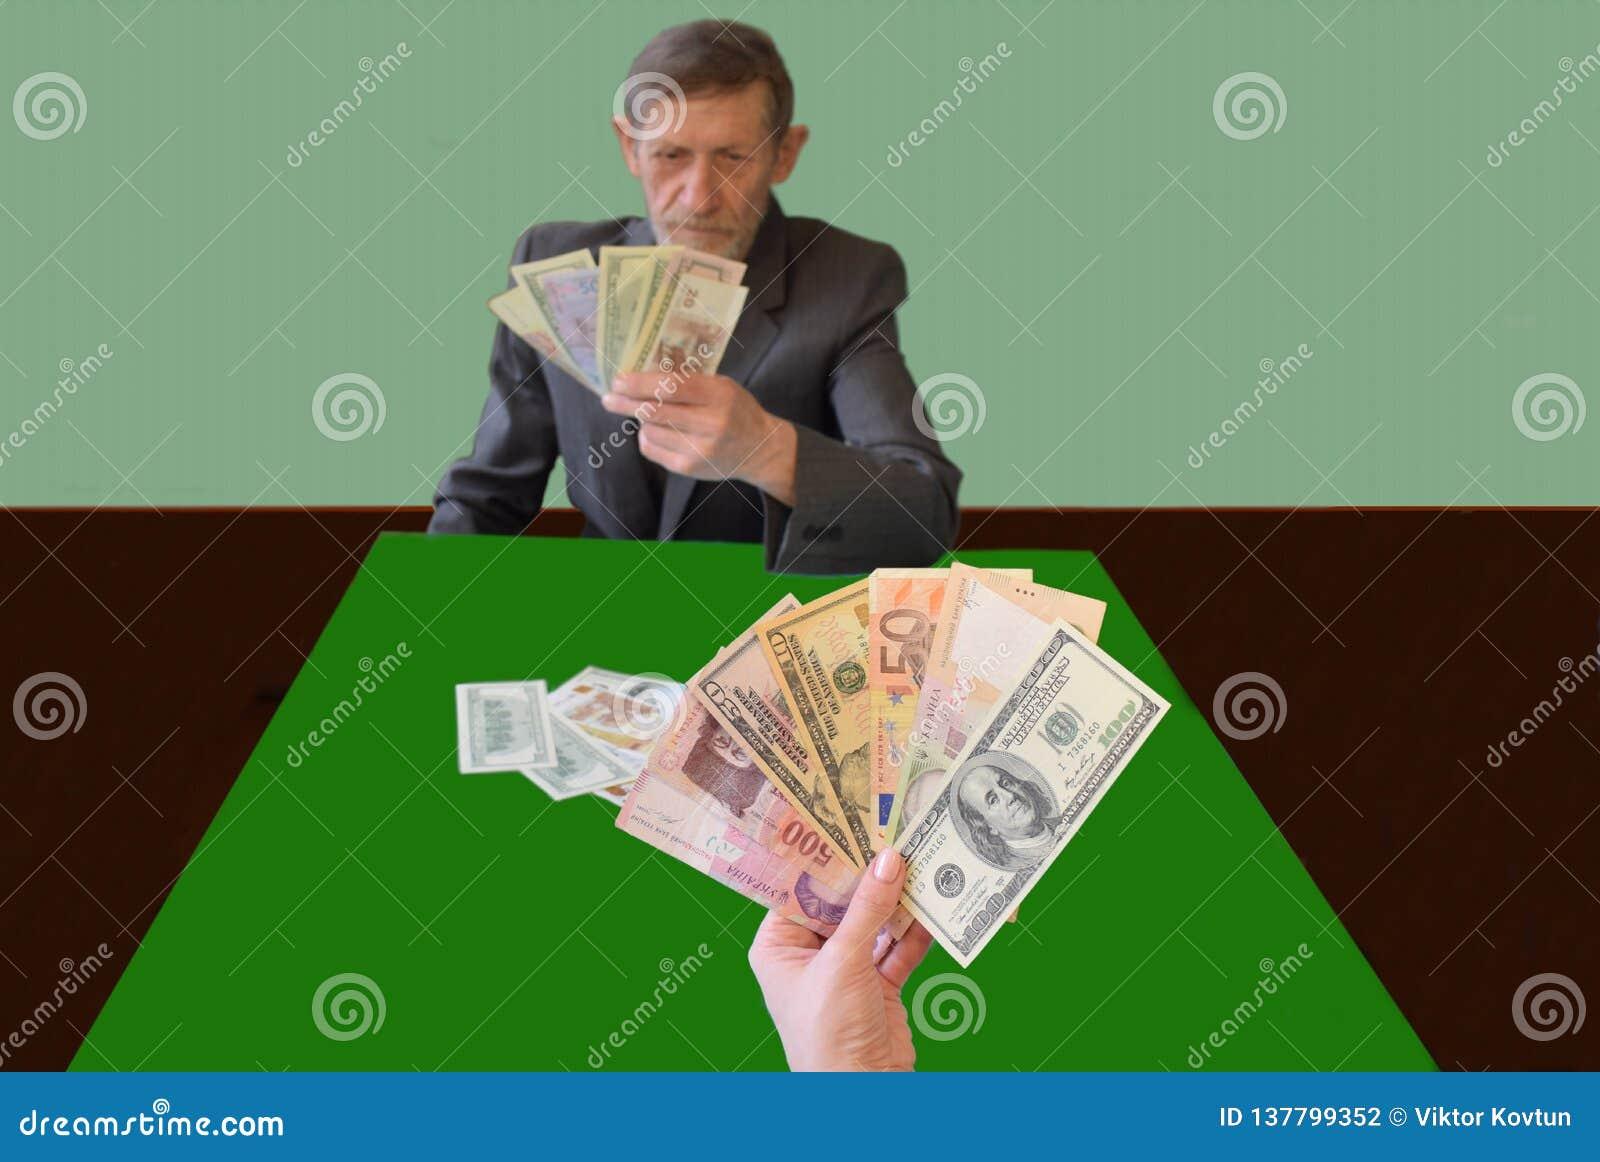 Efterföljd av kortspel, i stället för kort - sedlar